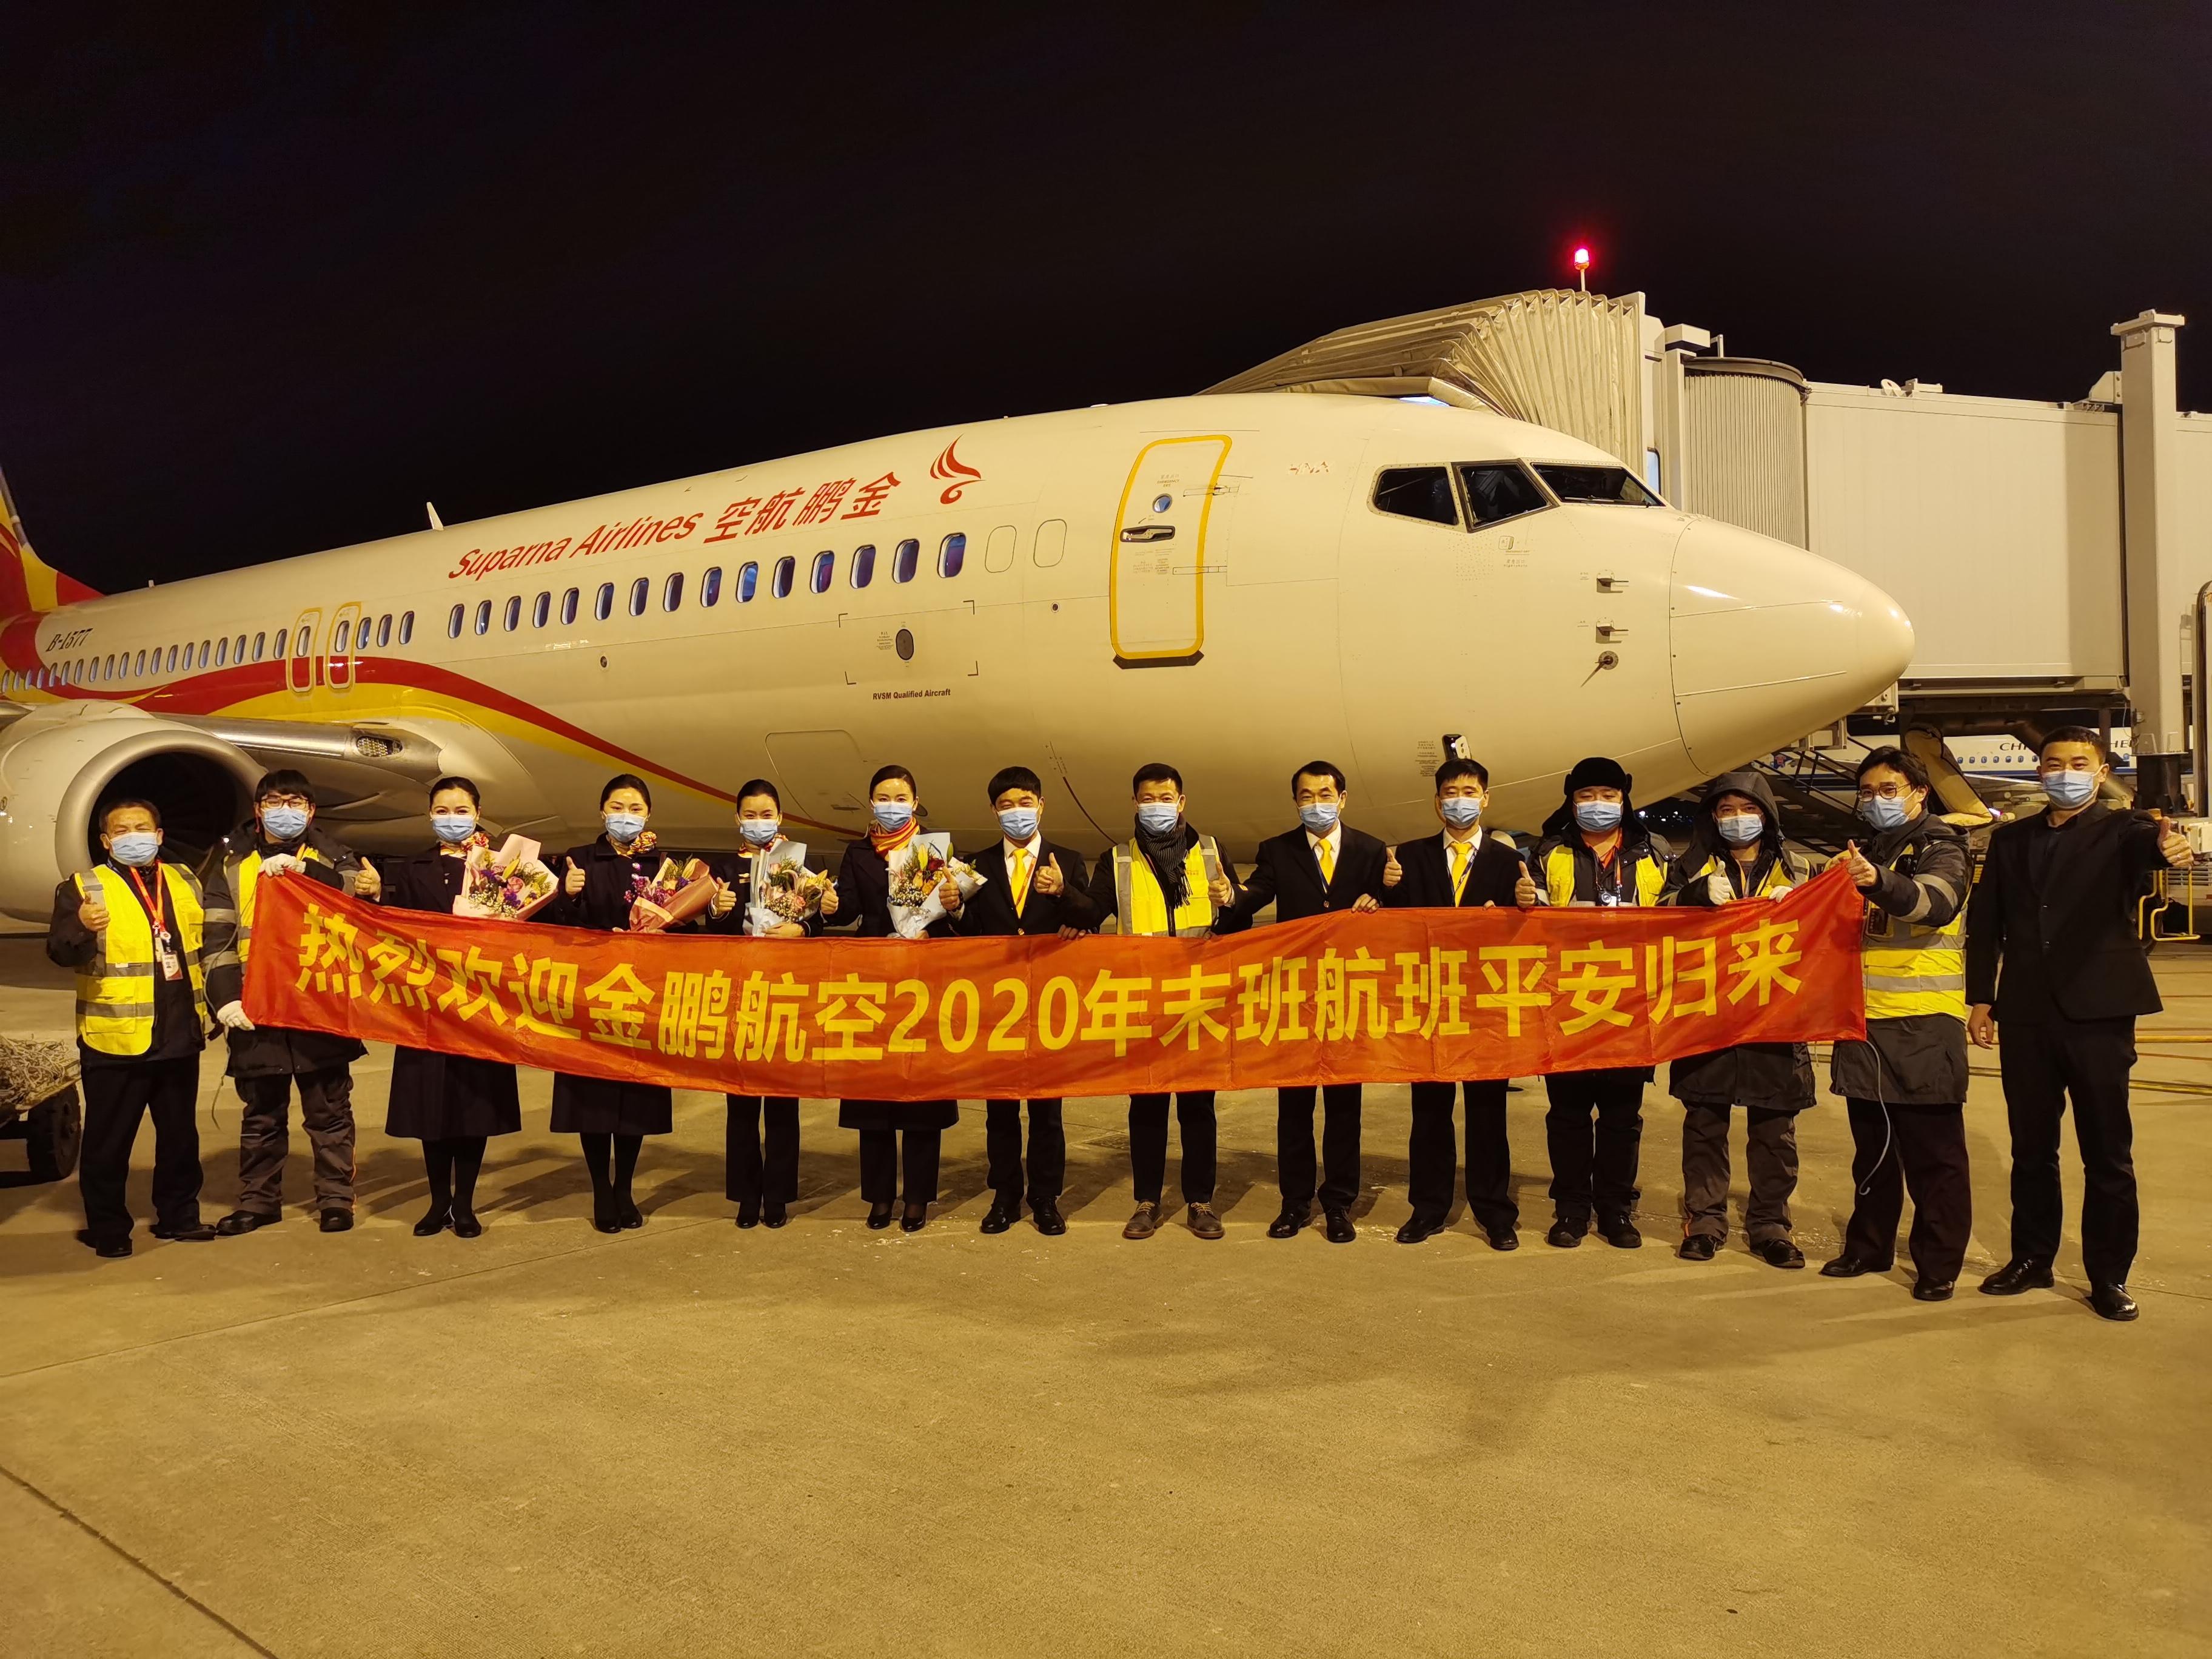 金鹏航空开展新年元旦迎送航班系列慰问活动